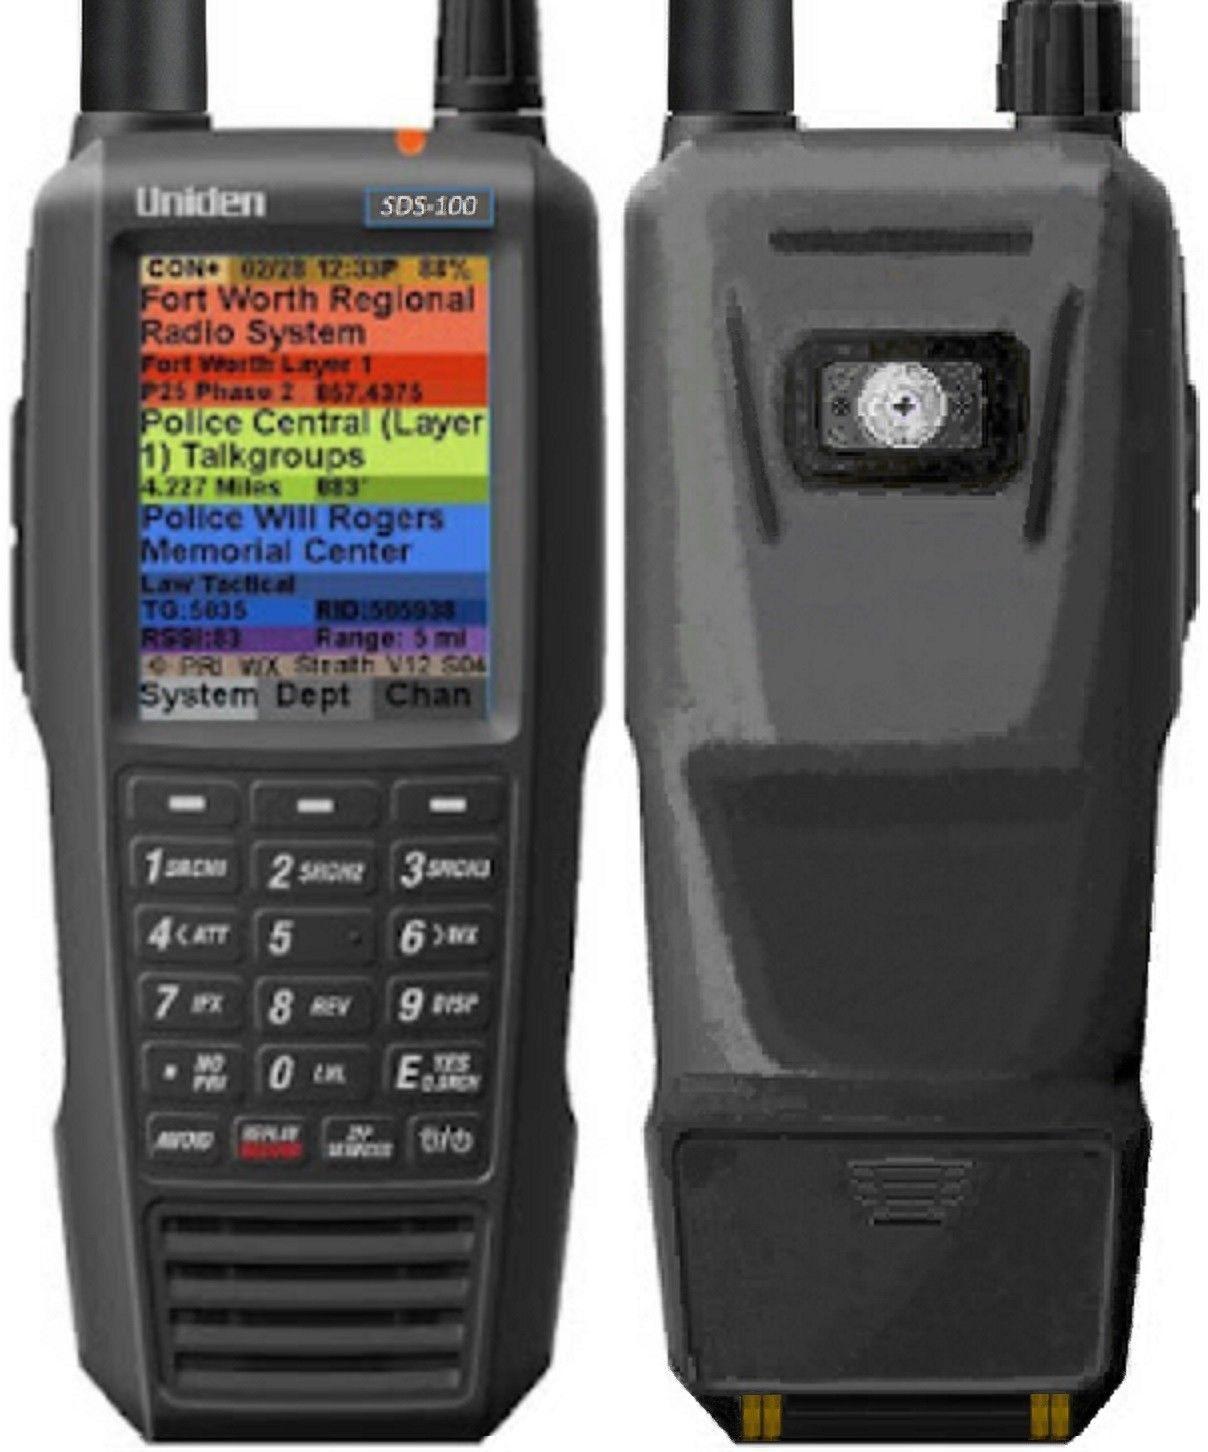 SDS100 - Uniden Digital Police Scanner handheld